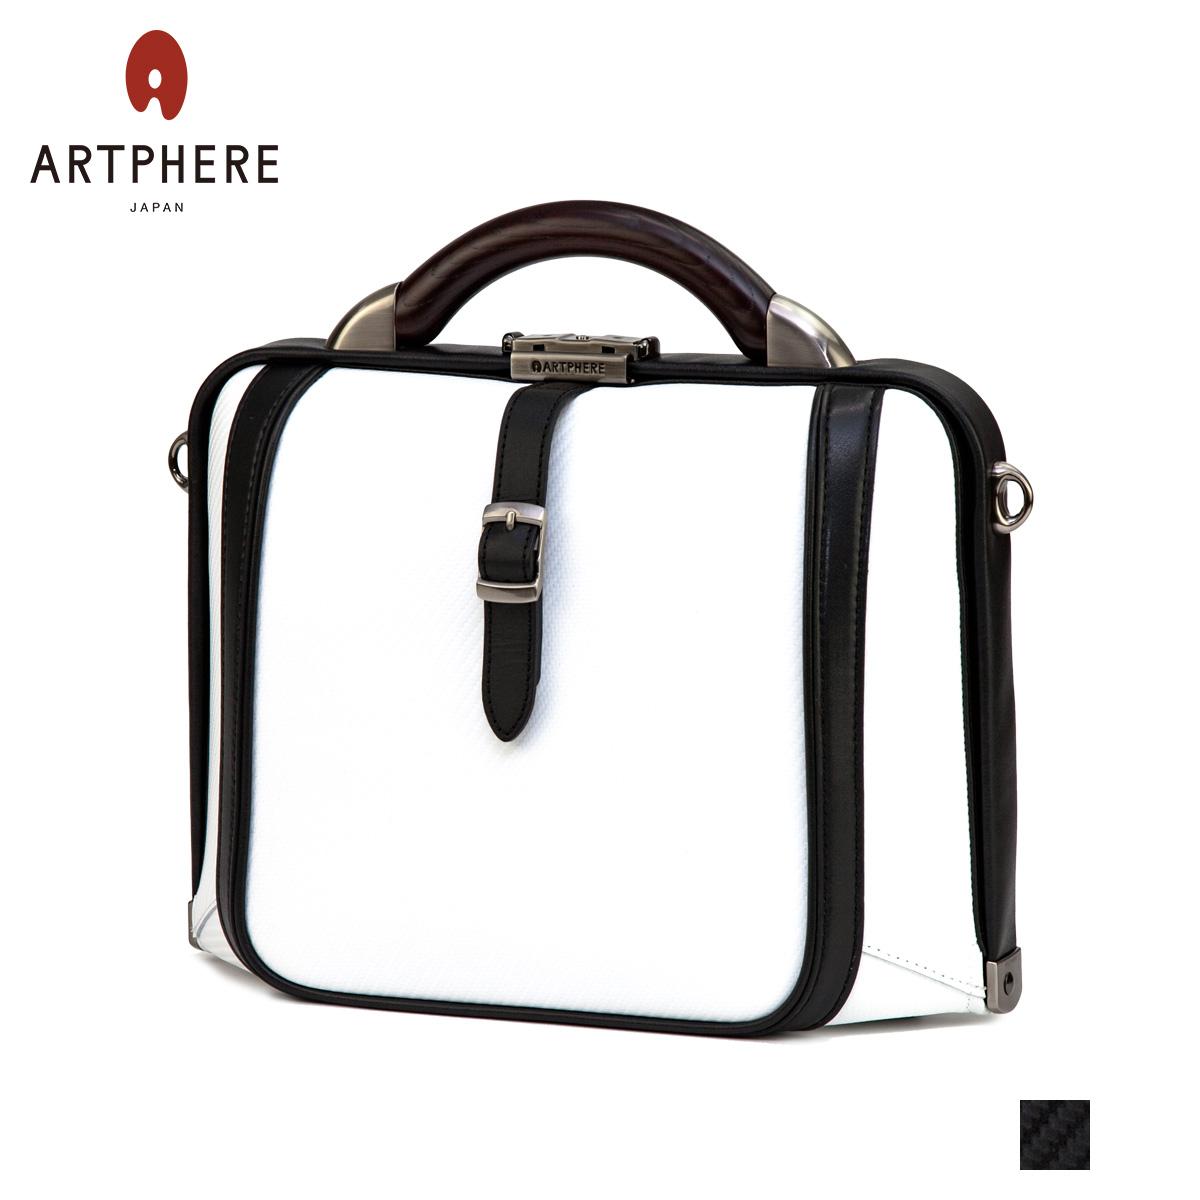 ARTPHERE アートフィアー ニューダレス テック バッグ ショルダーバッグ ビジネスバッグ ダレスバッグリュック メンズ レディース 豊岡鞄 2WAY NEW DULLES TECH ブラック ホワイト 黒 白 DS0-TE